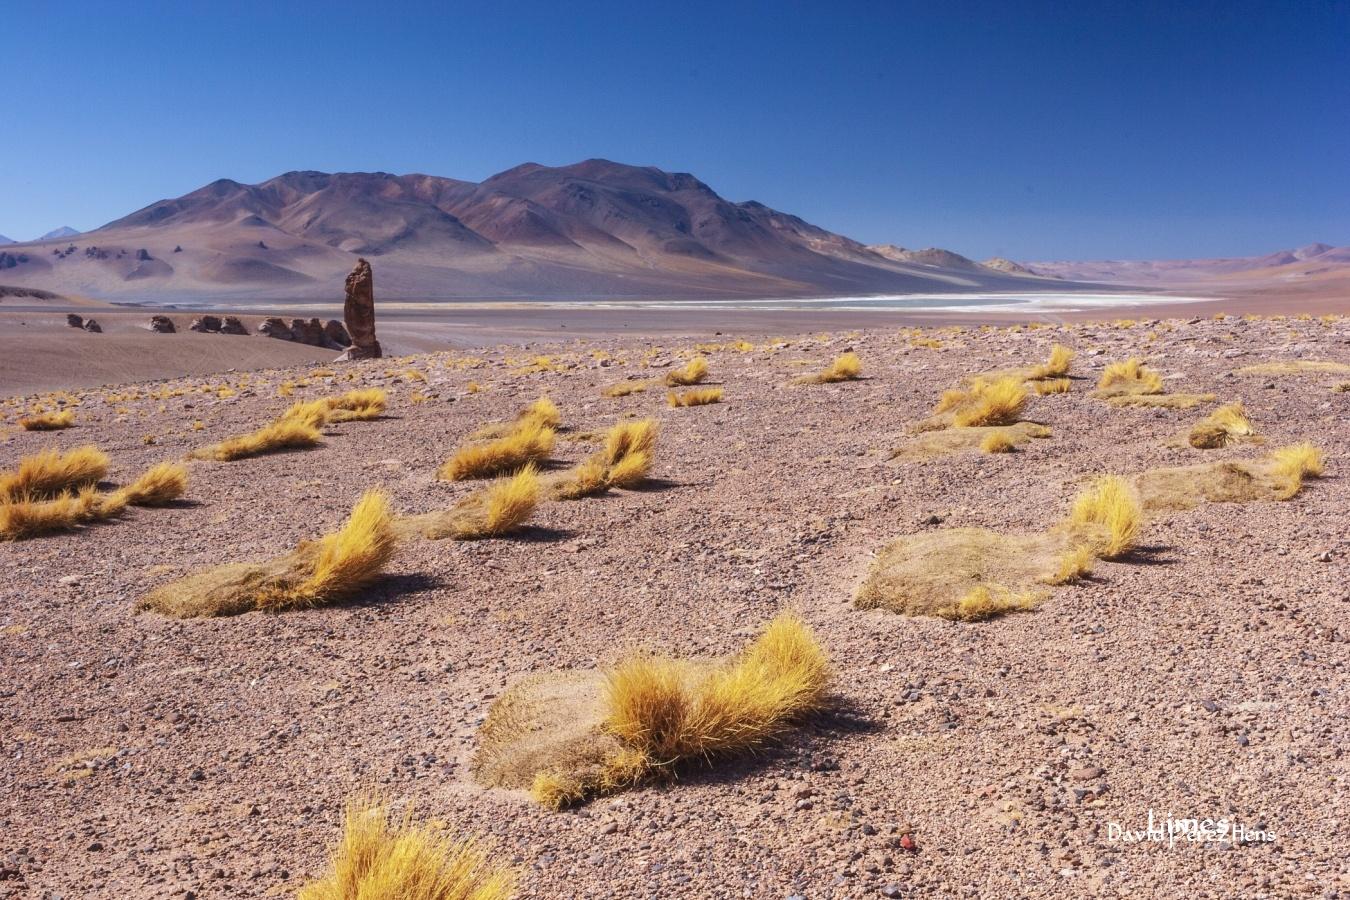 Valle de los Monjes - Chile - Limes , David Pérez Hens